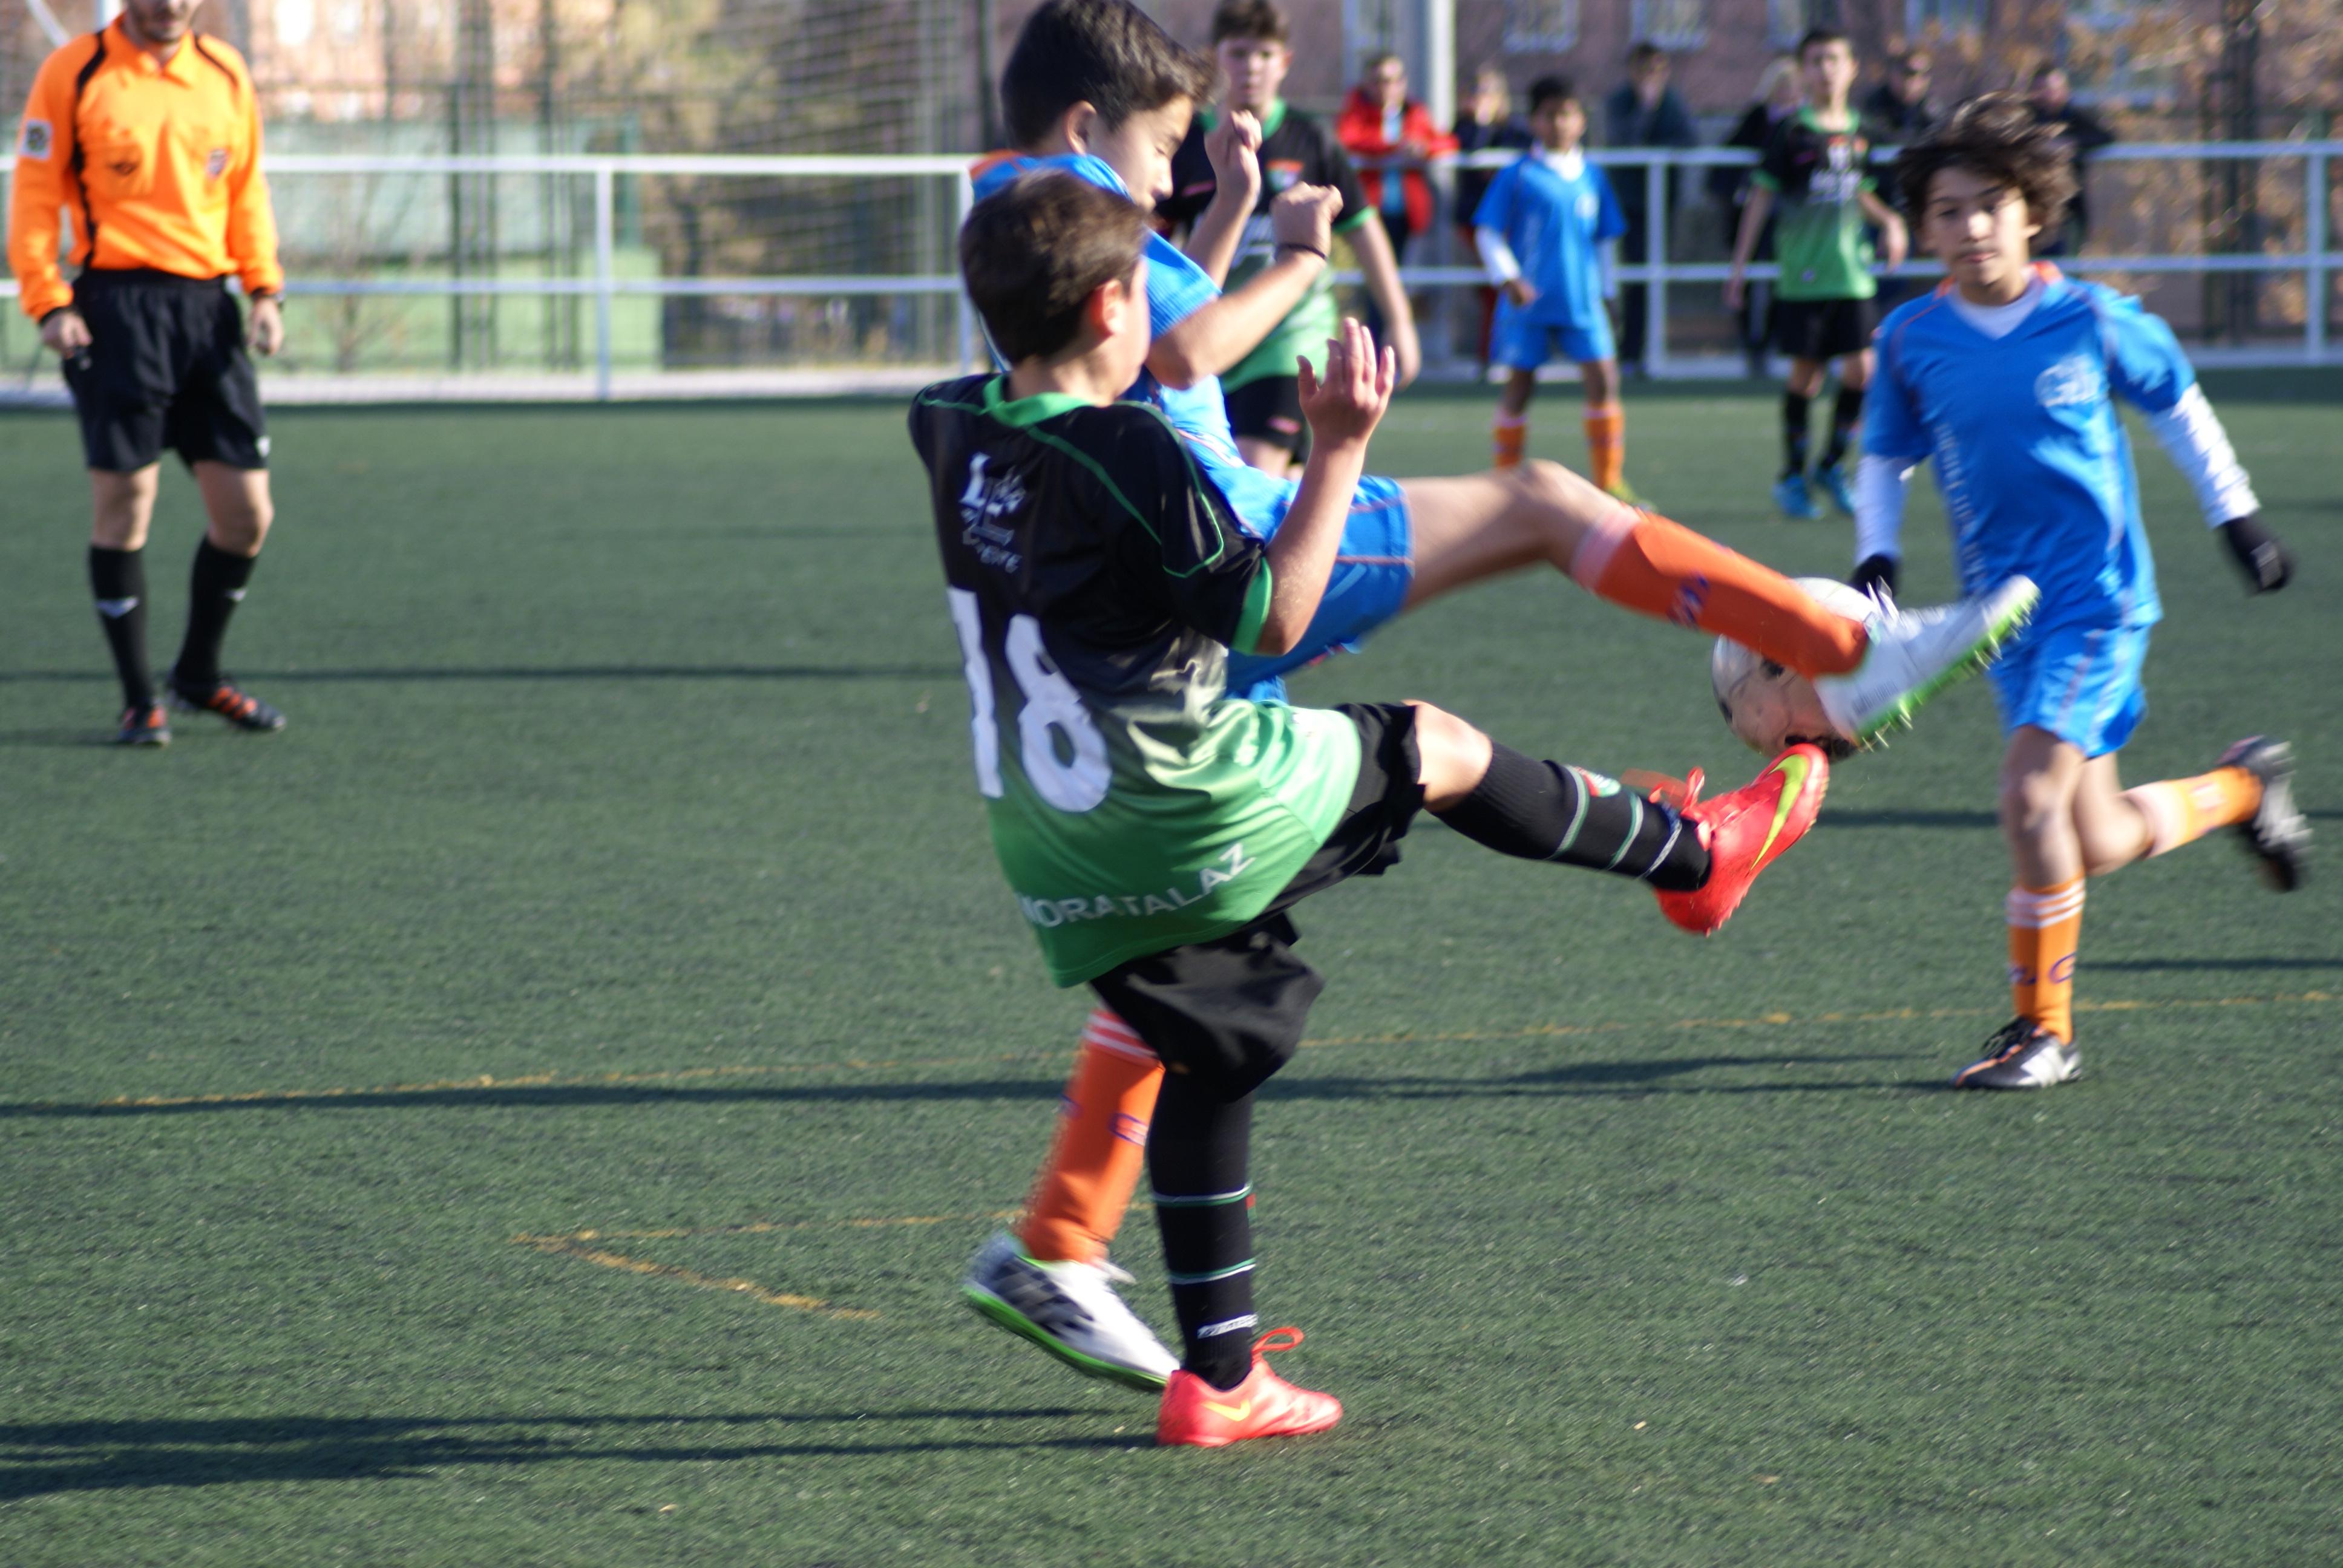 Crónica y fotos del partido de liga EDM Alevín B 3 – 0 Gredos San Diego Moratalaz